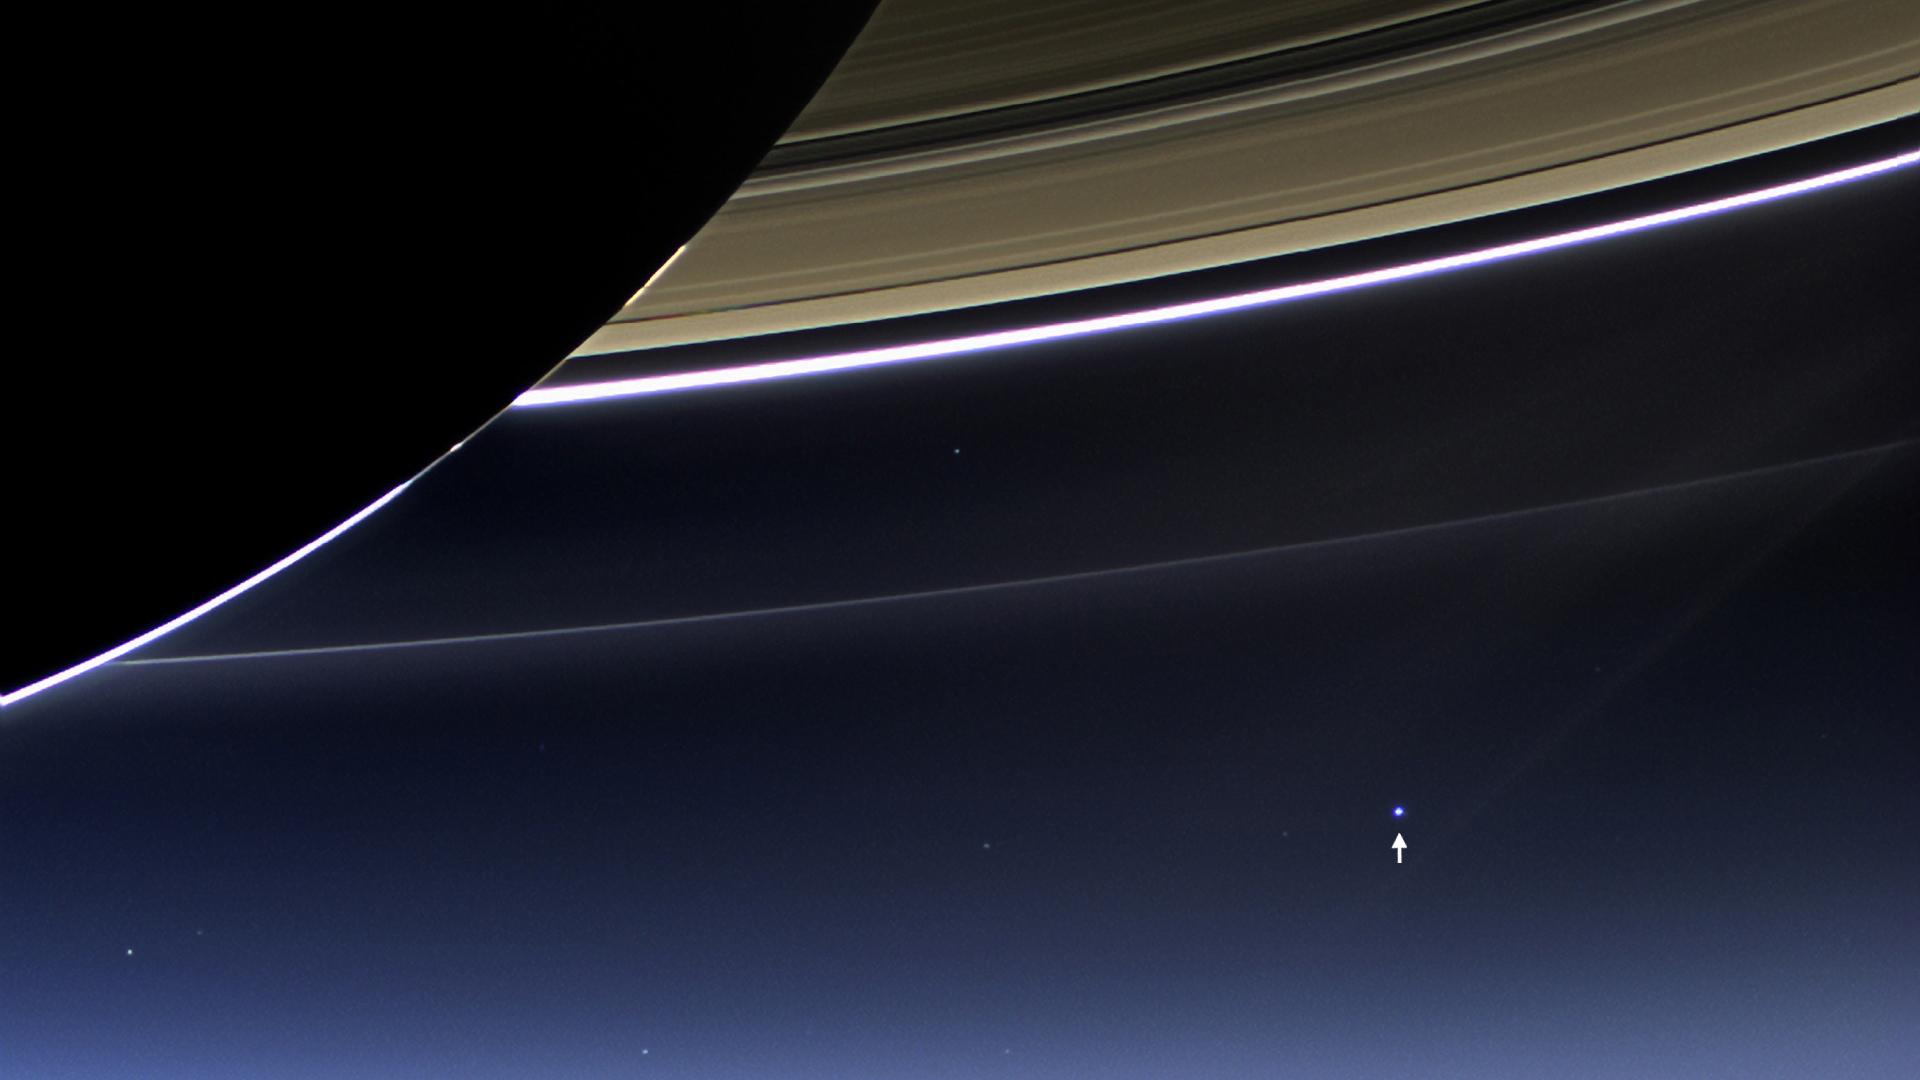 Em primeiro plano, Saturno e os seu anéis. Ao longe, assinalada por uma seta, a Terra. A imagem foi obtida pela Cassini, a 19 de Julho de 2013, e ganha especial relevo na semana em que a sonda mergulha no planeta gigante e nós despedimos-nos dela